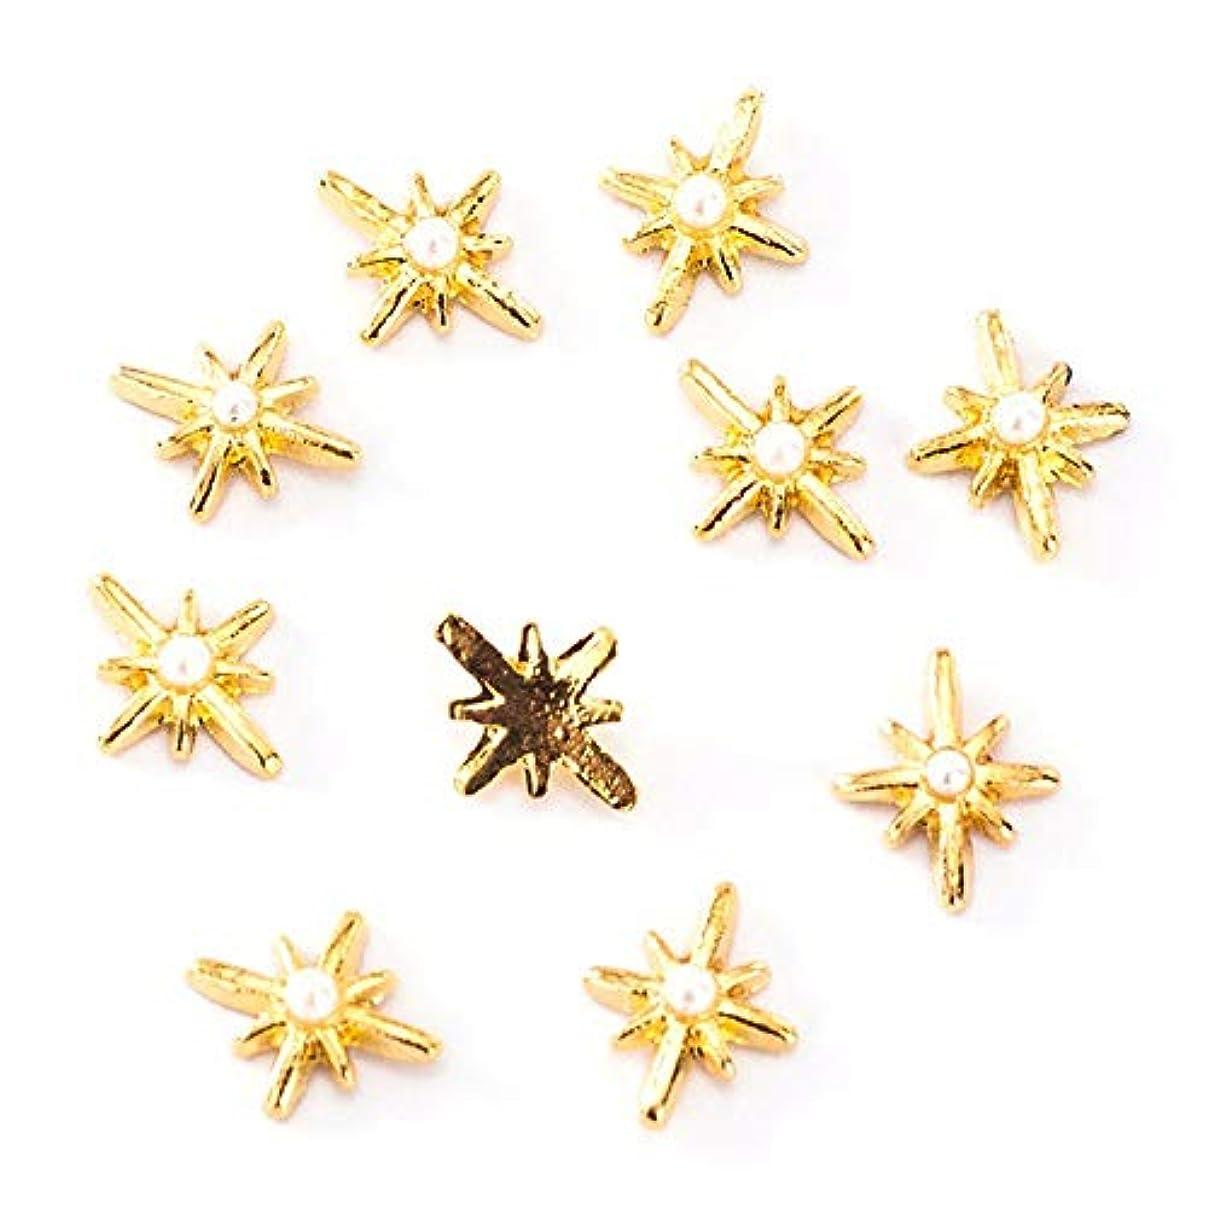 モンキー抑制する規制する10個入り/ロットグリッターネイルアートの装飾不規則なゴールドメタルスターデザインマニキュアネイルアートスタッドアクセサリー